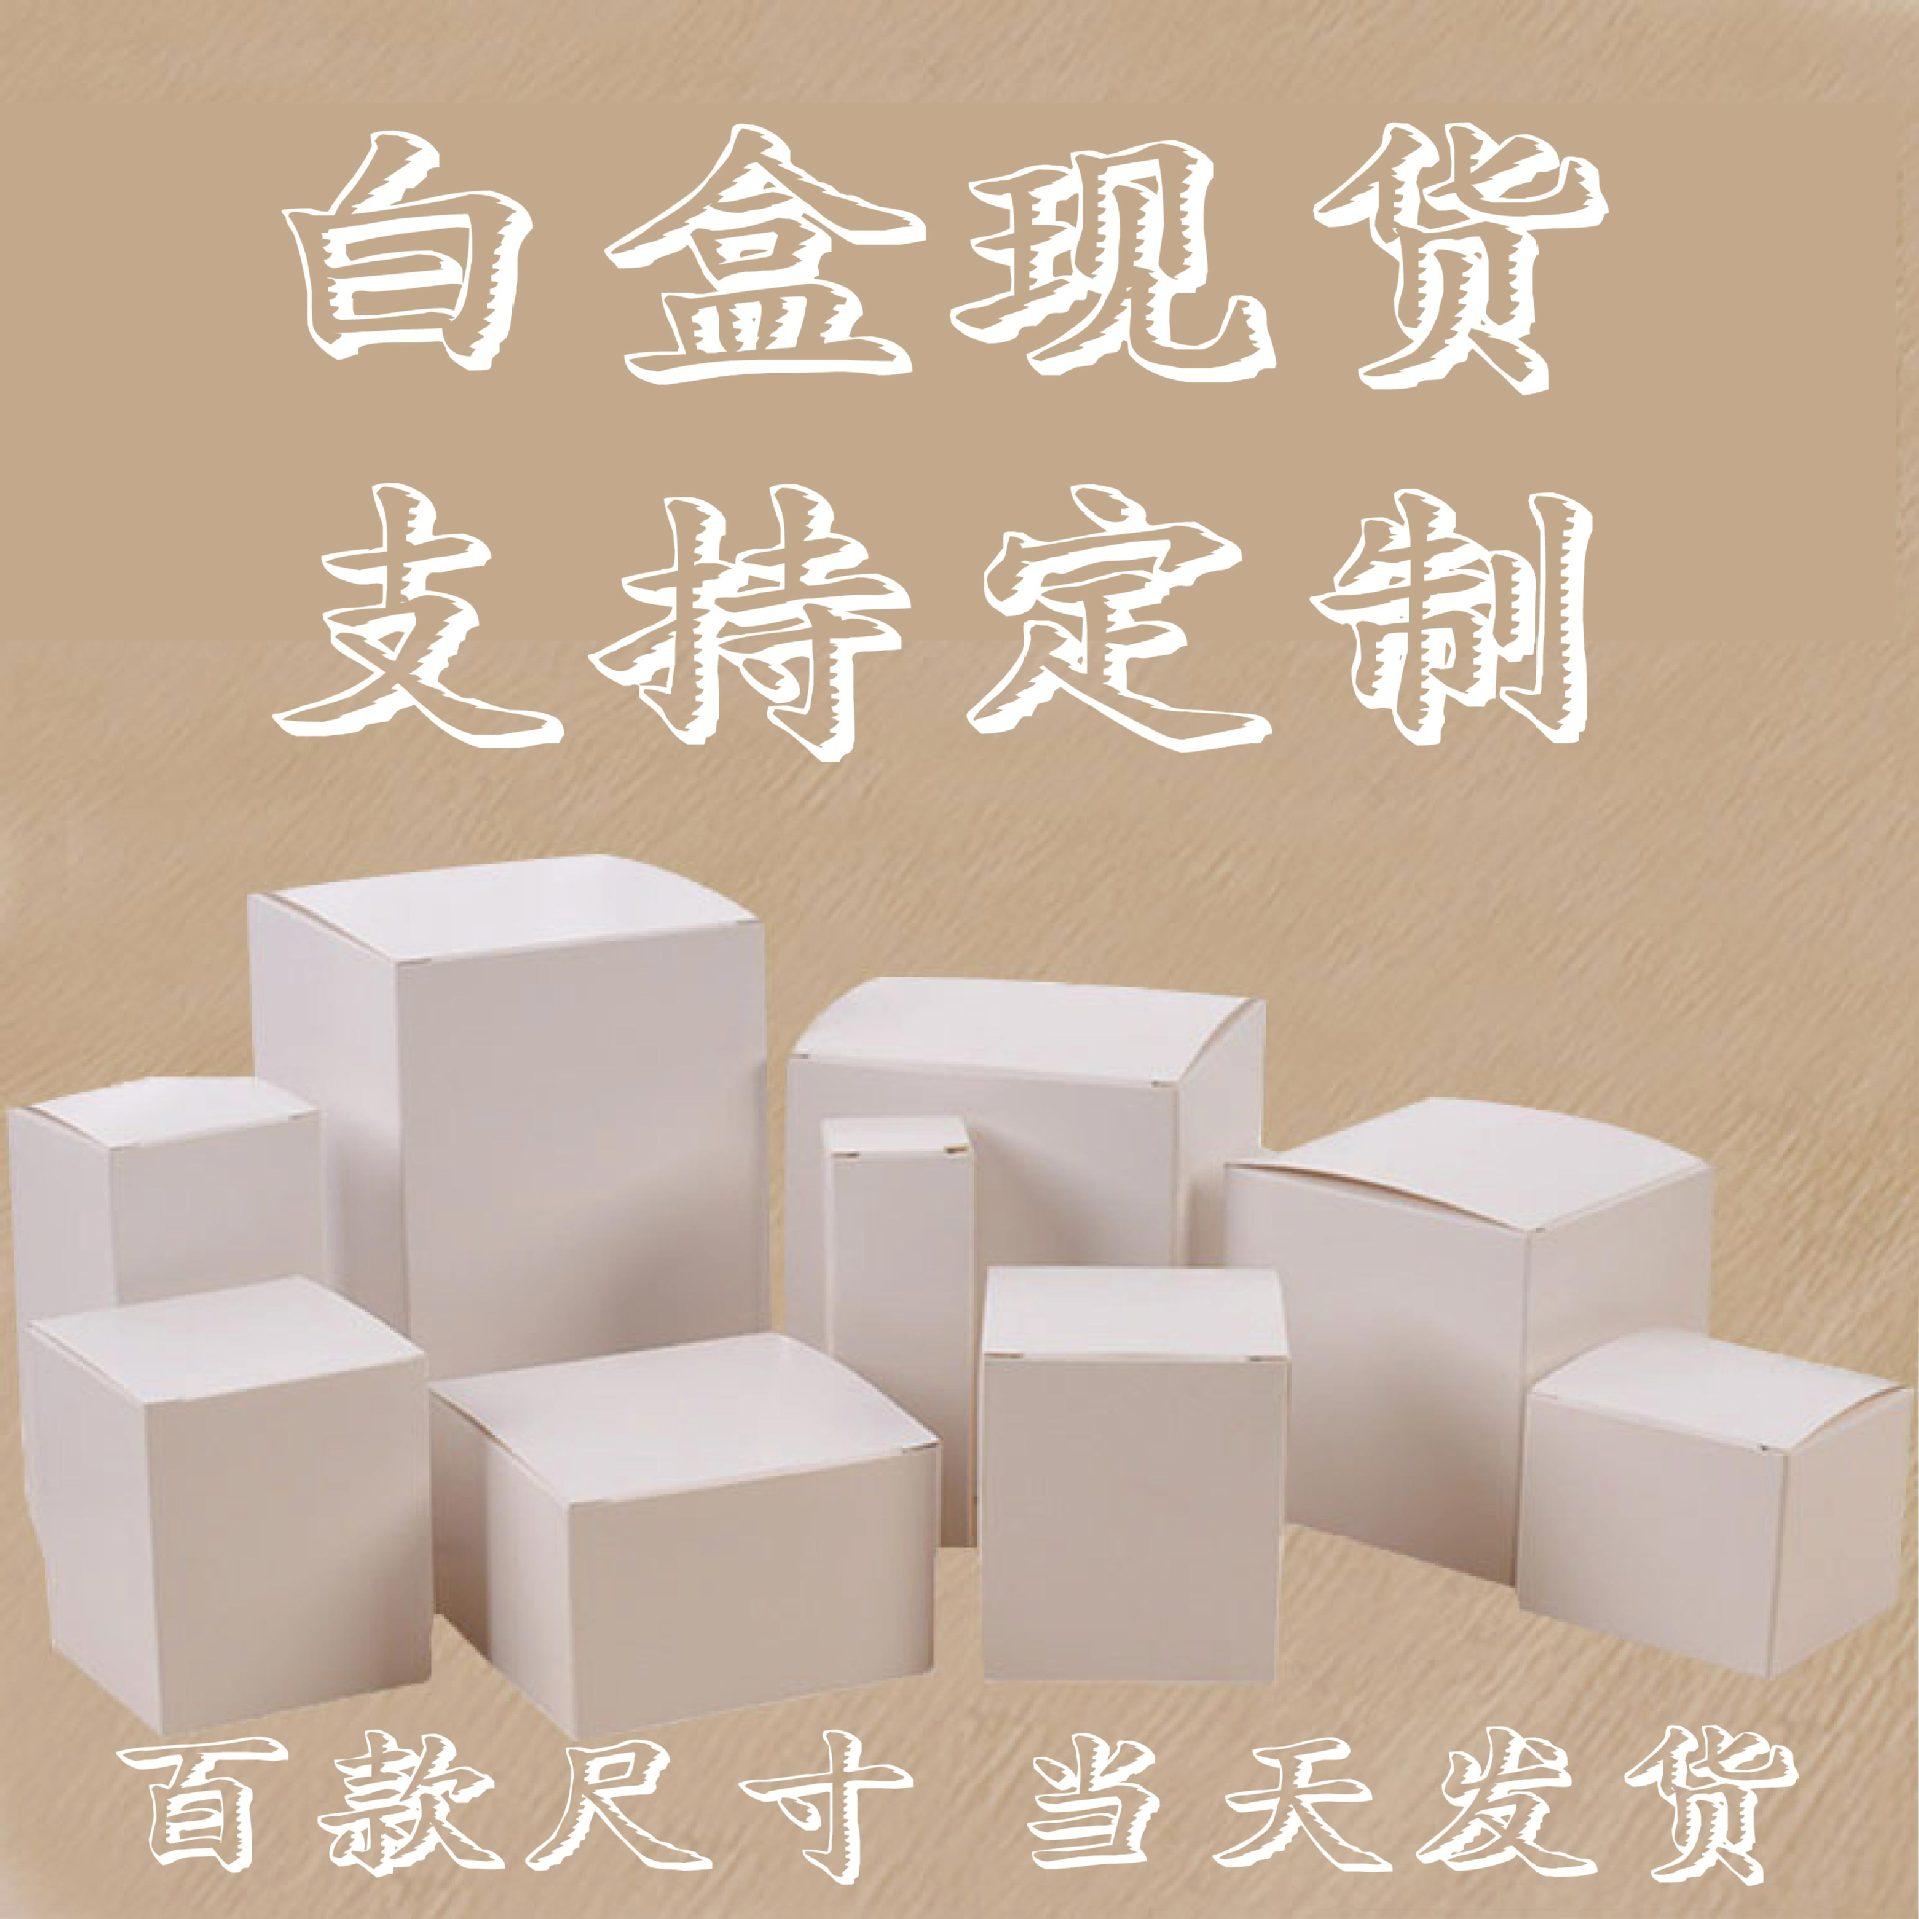 小白盒现货批发白卡纸盒彩盒空白色小纸盒方形外包装盒化妆品盒